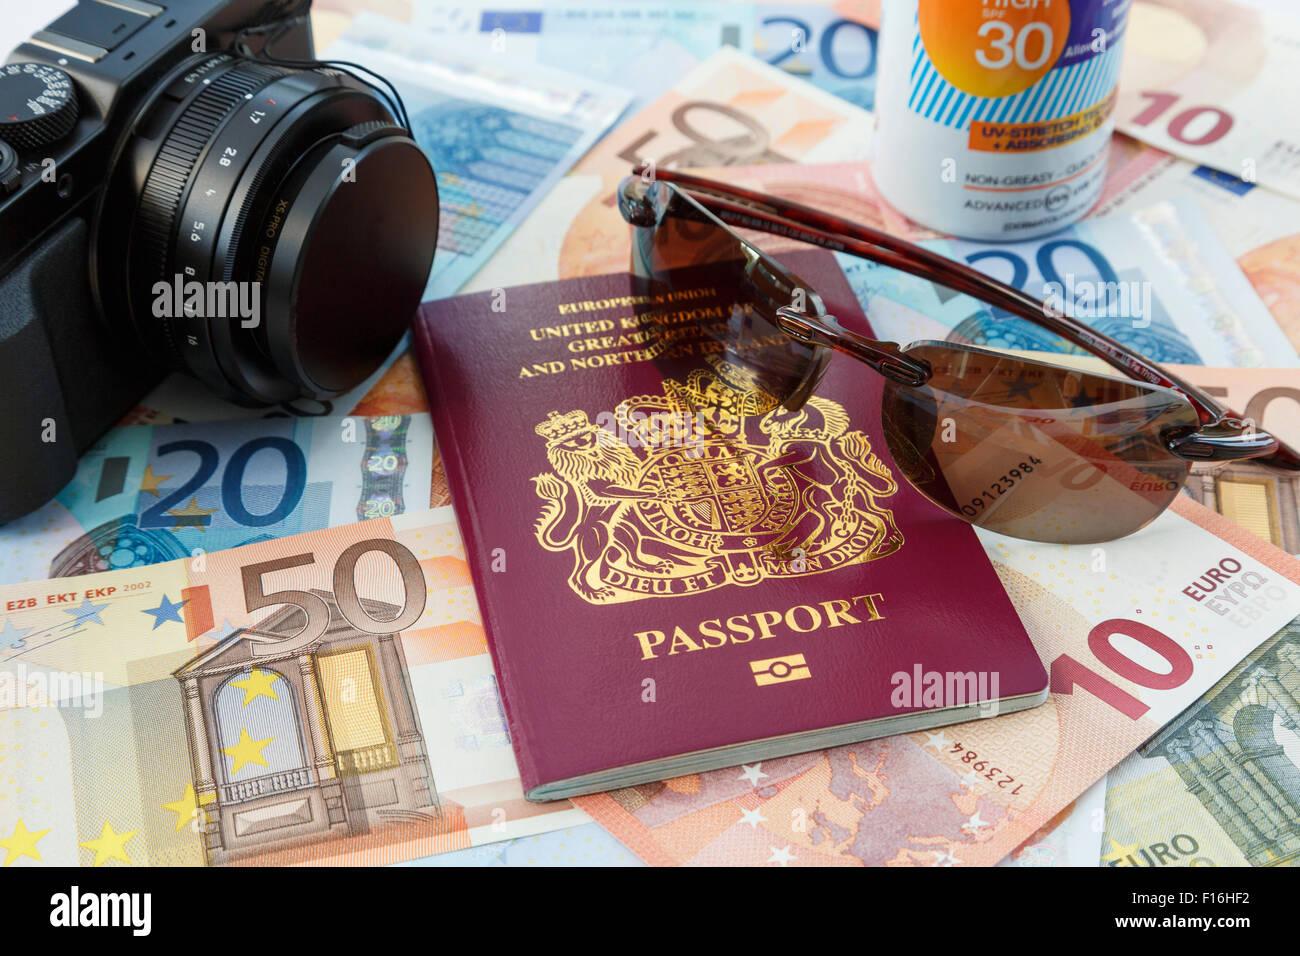 Le cose per gli stranieri in viaggio con passaporto fotocamera valuta la crema solare e occhiali da sole per viaggiare Immagini Stock